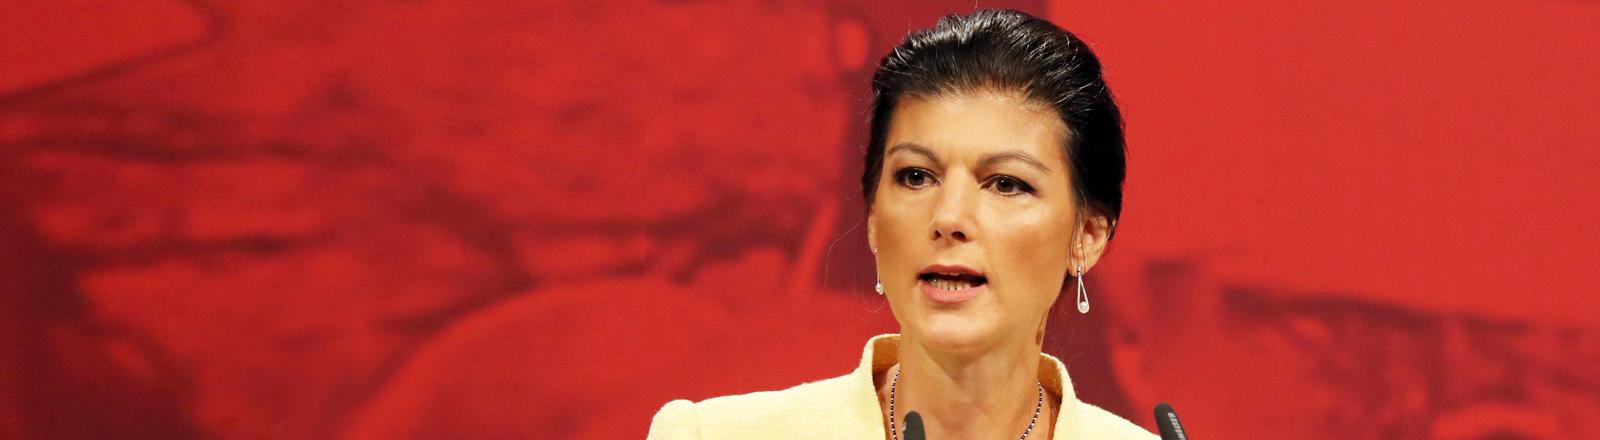 Sarah Wagenknecht bei einer Rede beim Bundesparteitag der Linken 2018